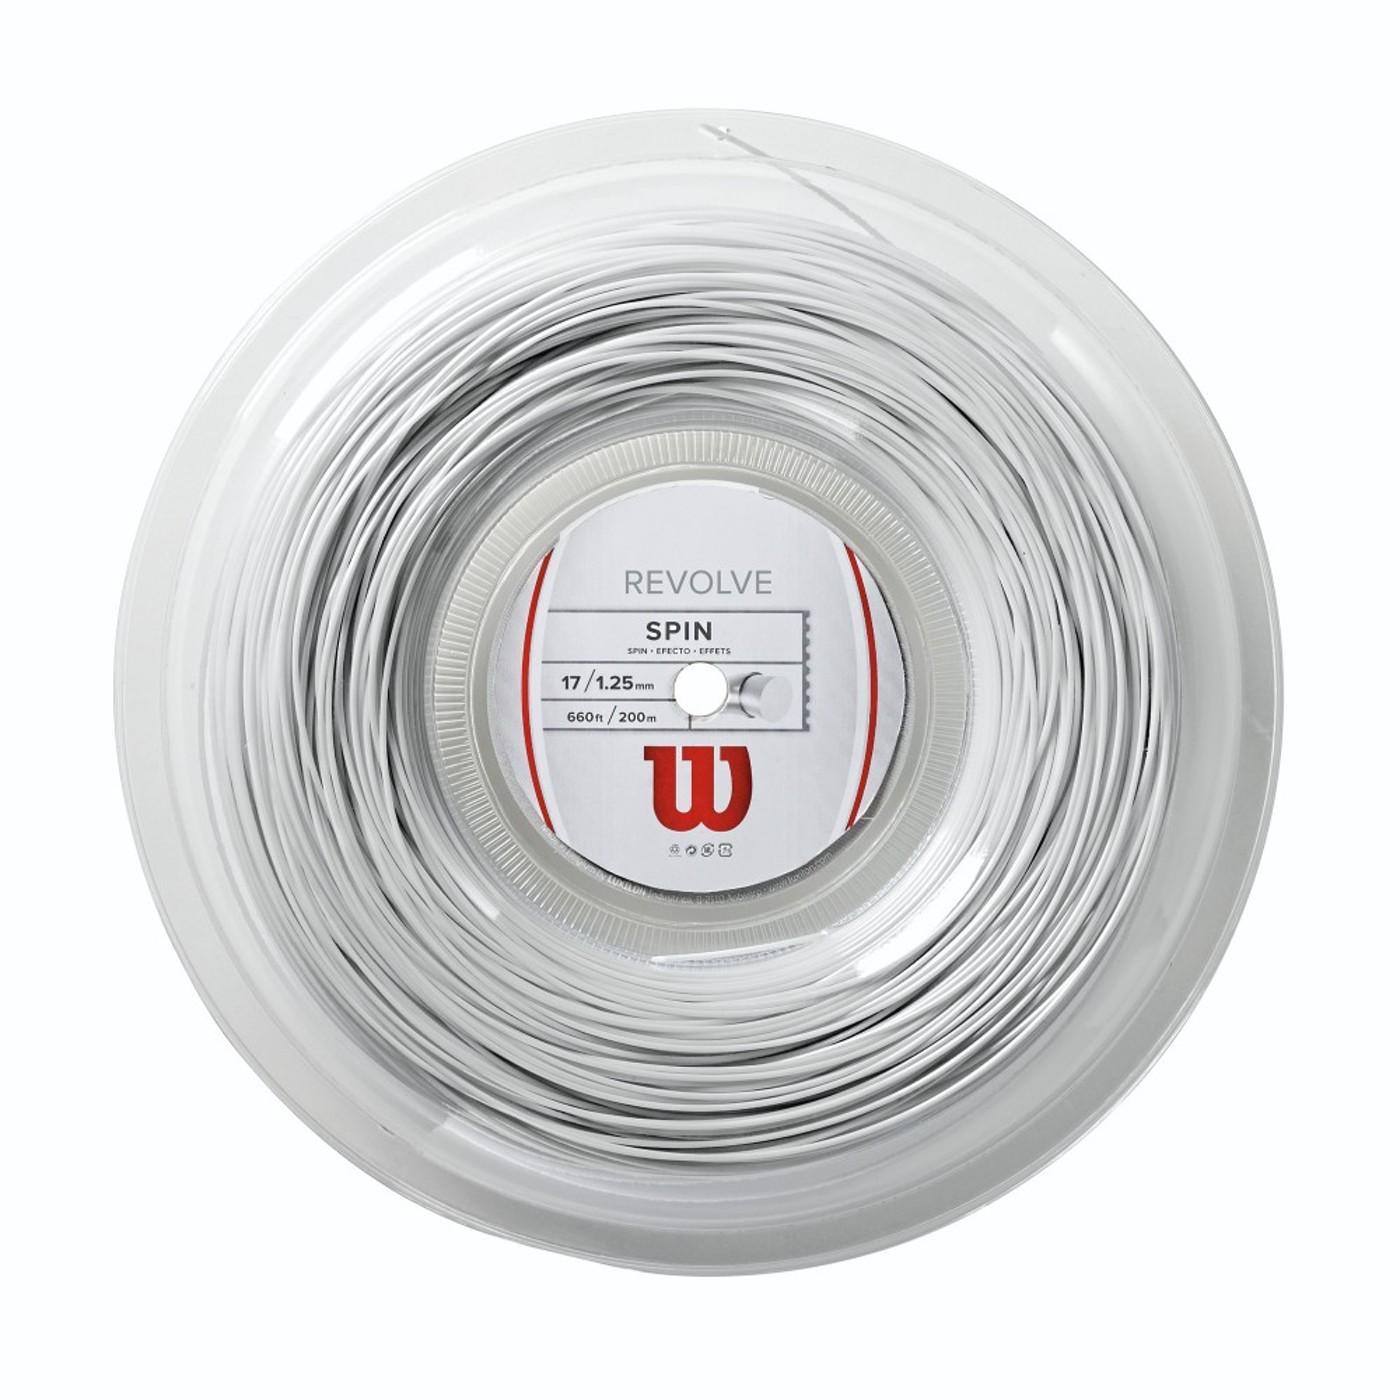 WILSON Revolve 17 White Reel